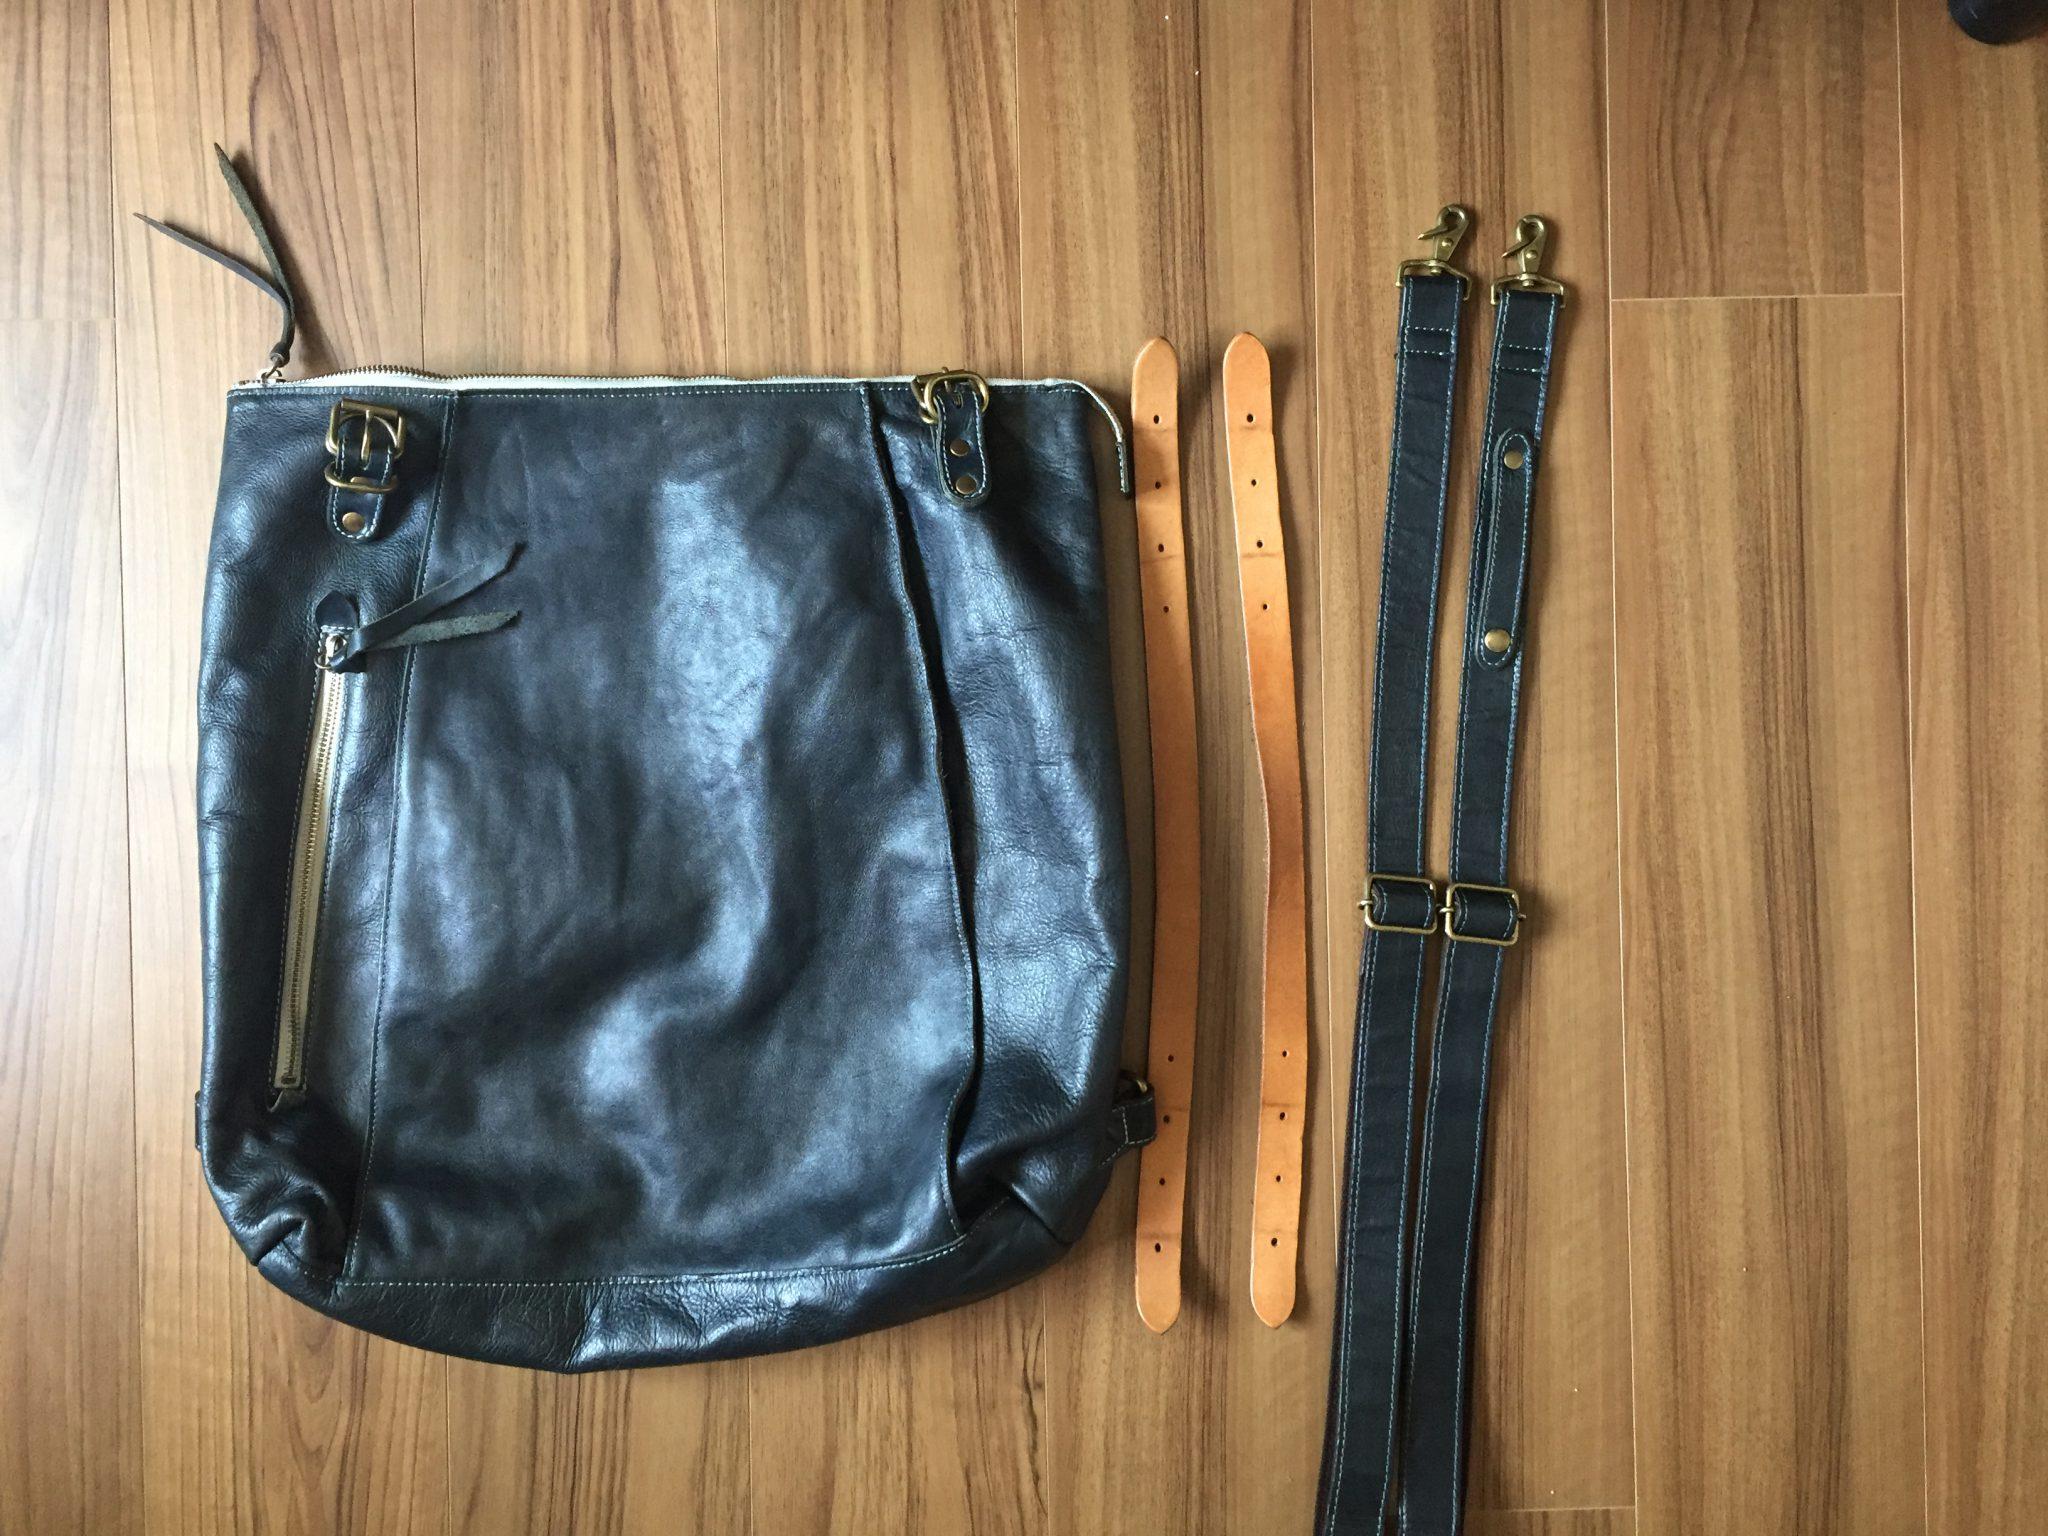 BAGGY'S ANNEX(バギーズアネックス) 3wayトート&リュック|購入して4か月、ほぼ毎日持ち歩いているので、感謝を込めてお手入れです